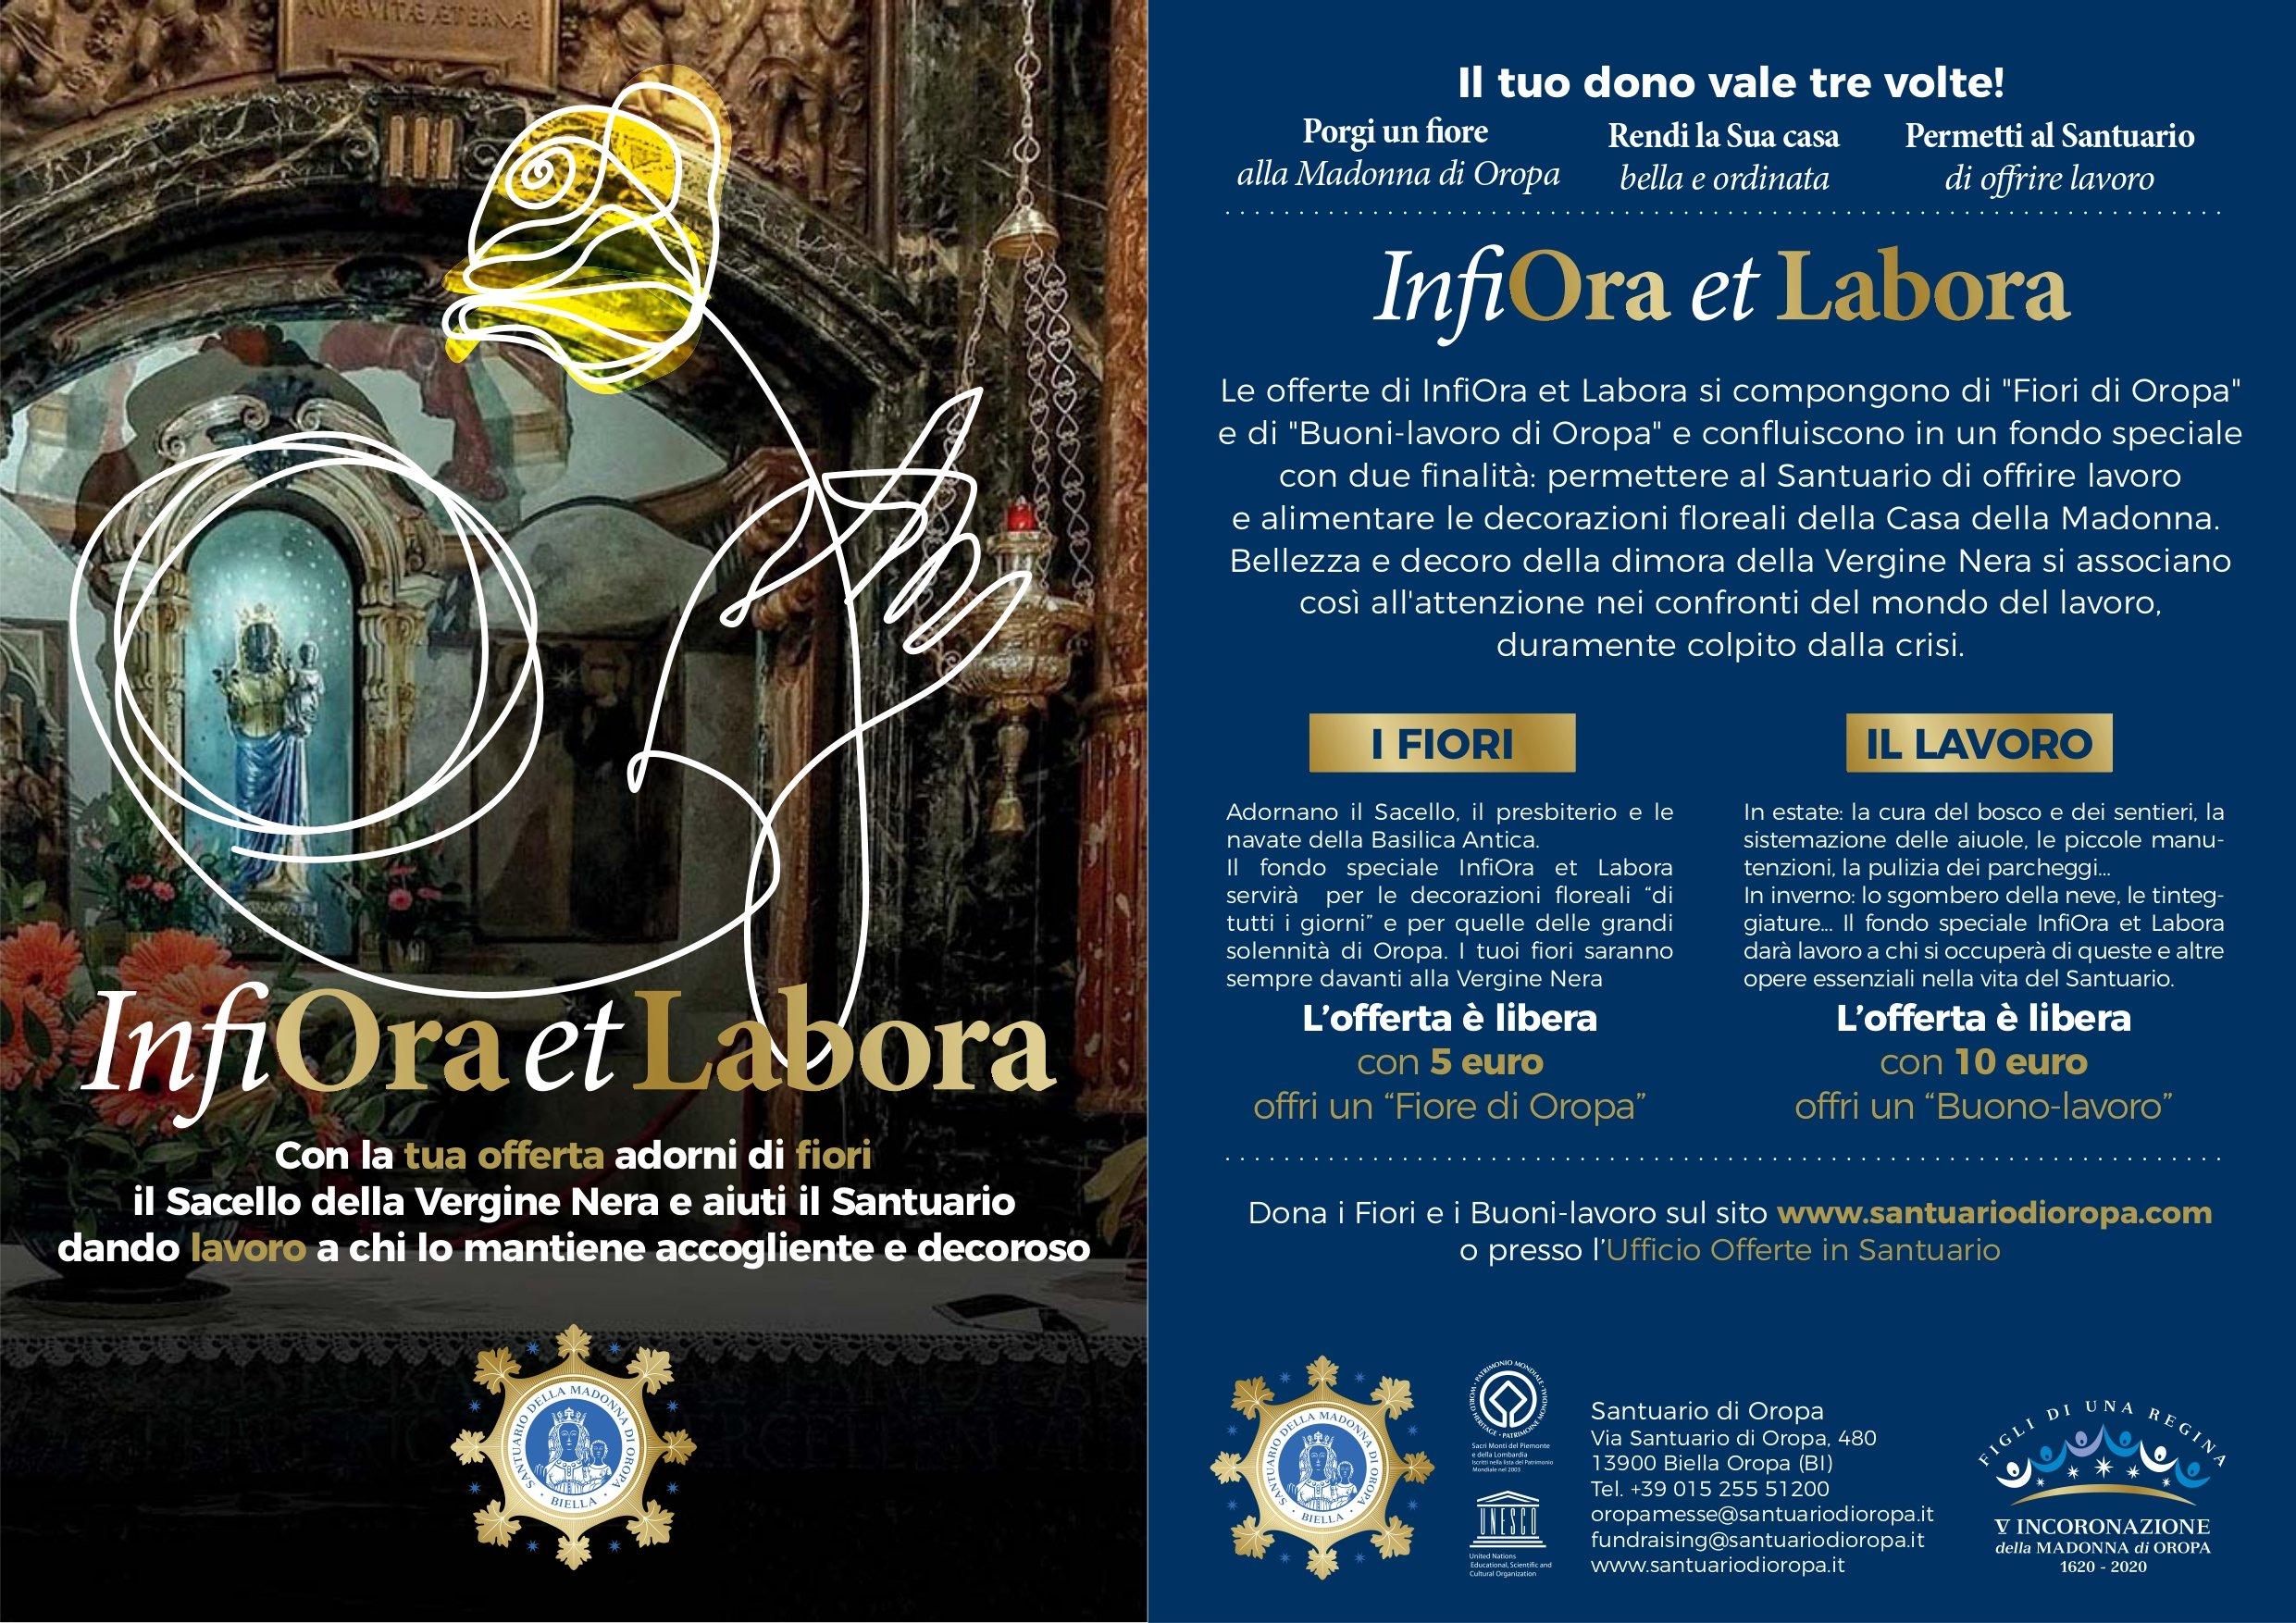 Infiora et Labora